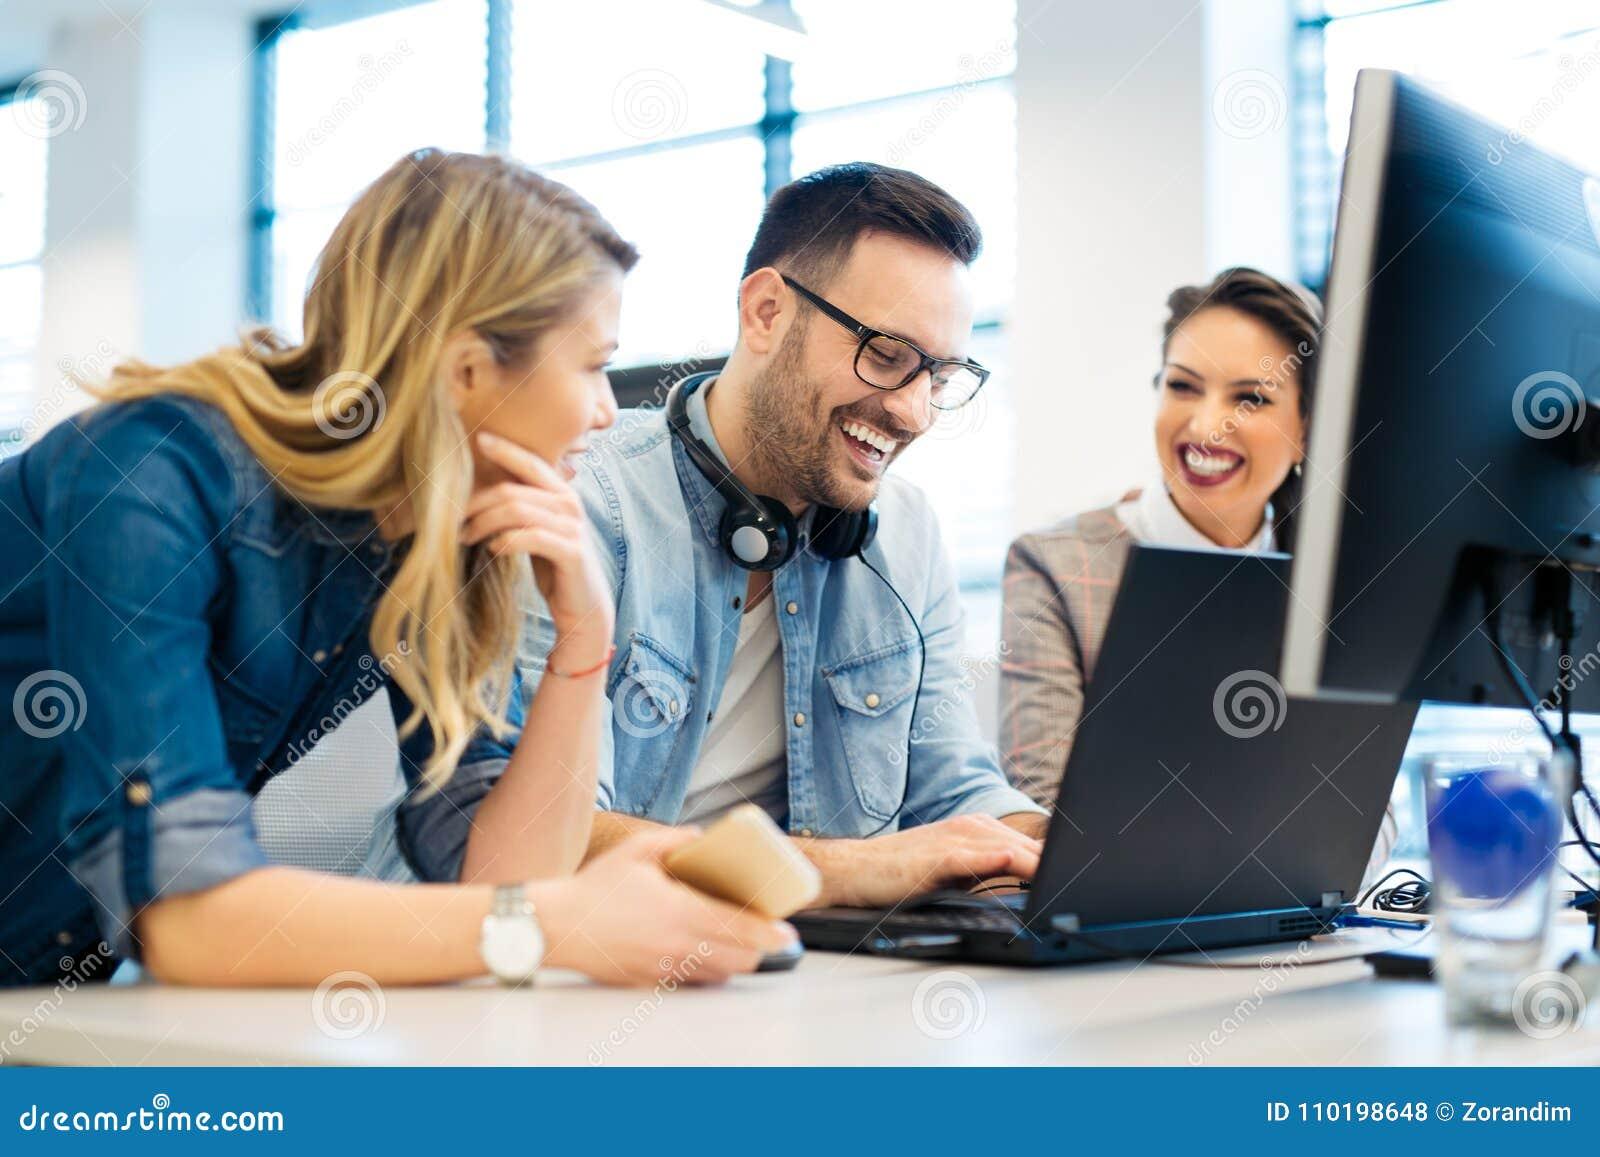 Grupo de hombres de negocios y de desarrolladores de software que trabajan en equipo en oficina